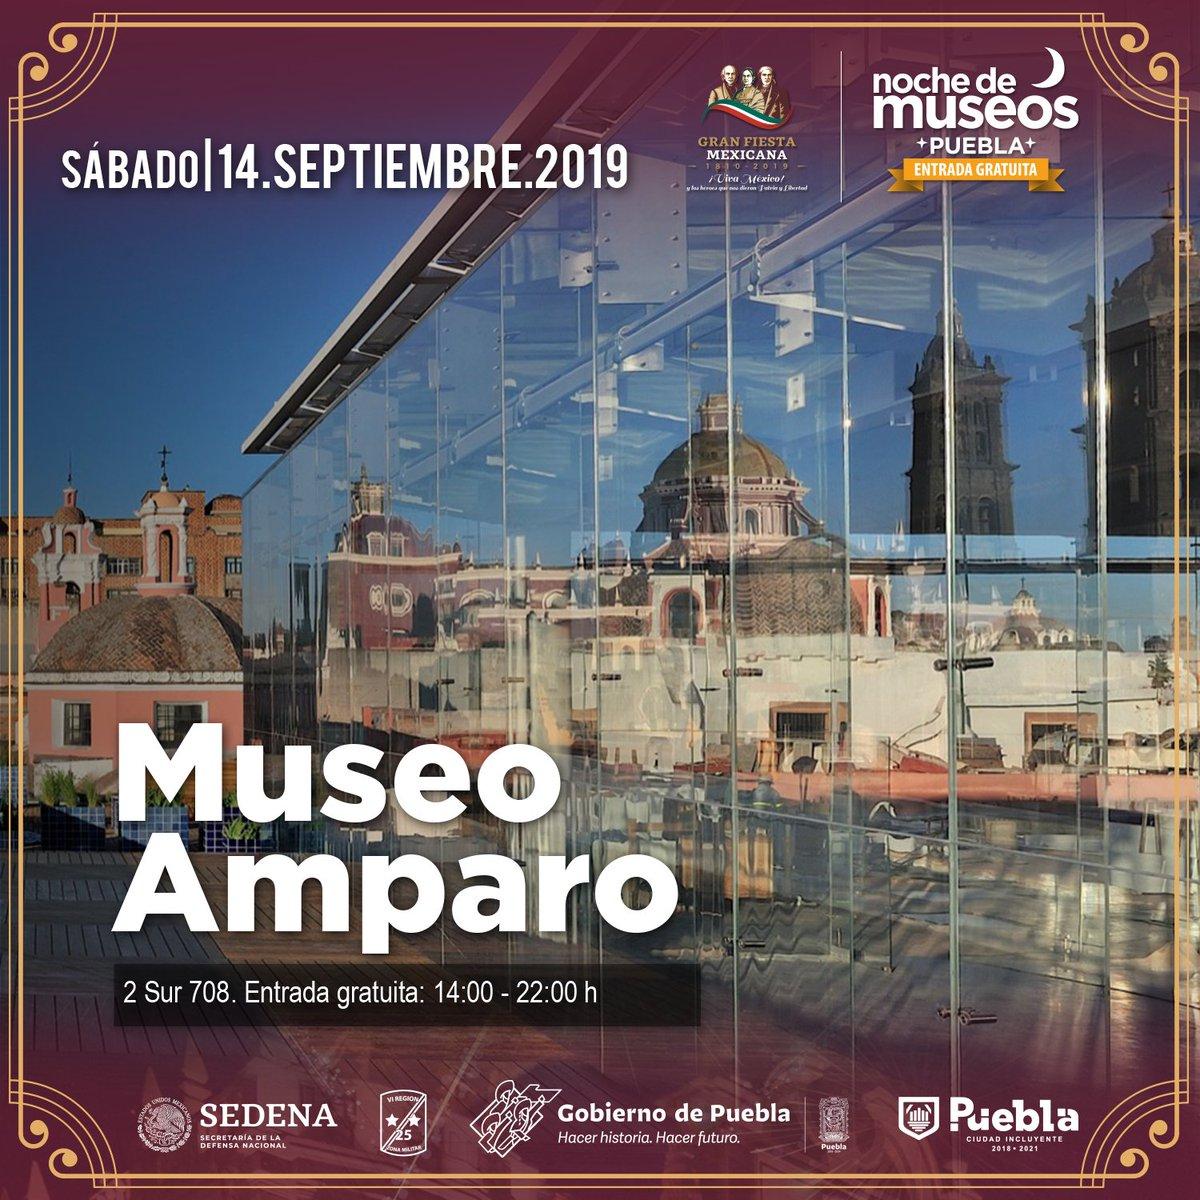 Gerencia Ch Puebla S Tweet Después De Visitar El Museo